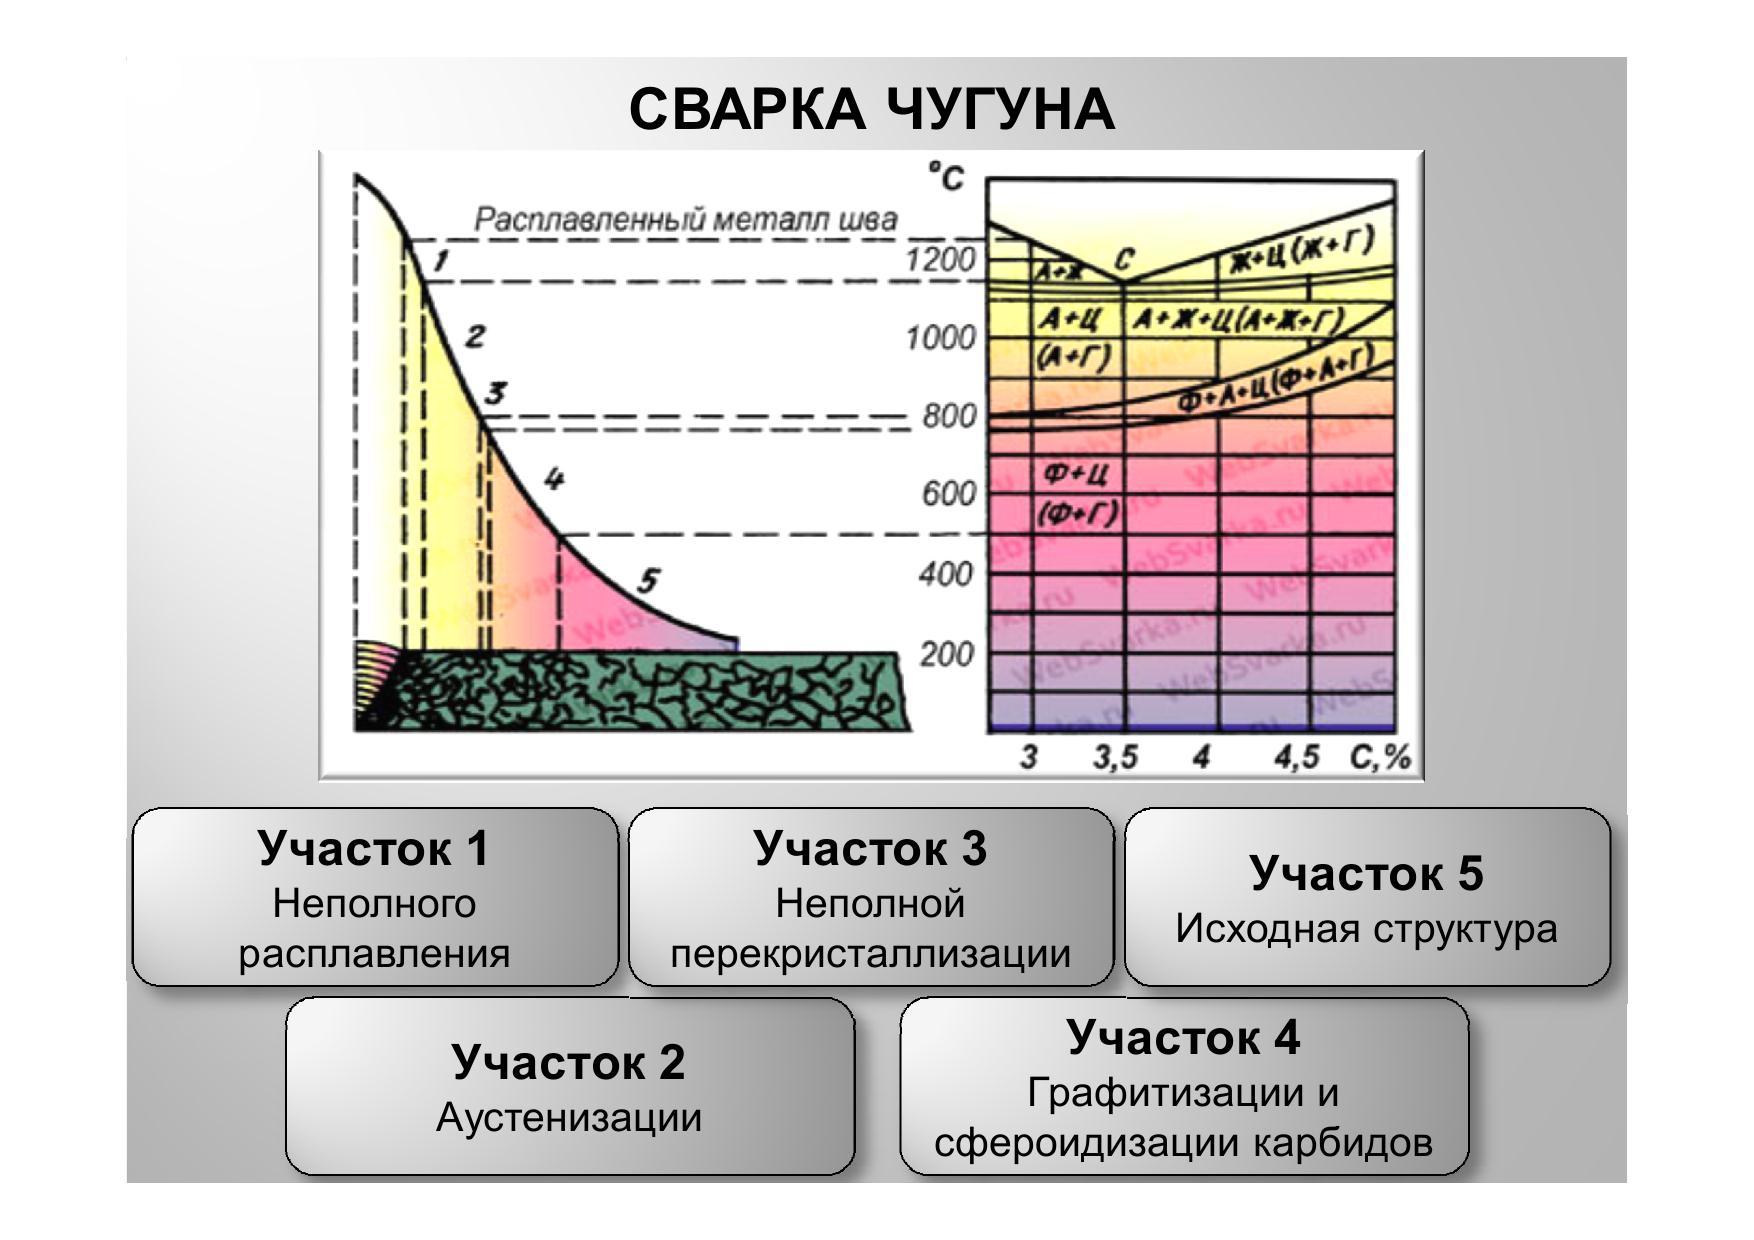 Сварка чугуна инвертором: основные методы 83